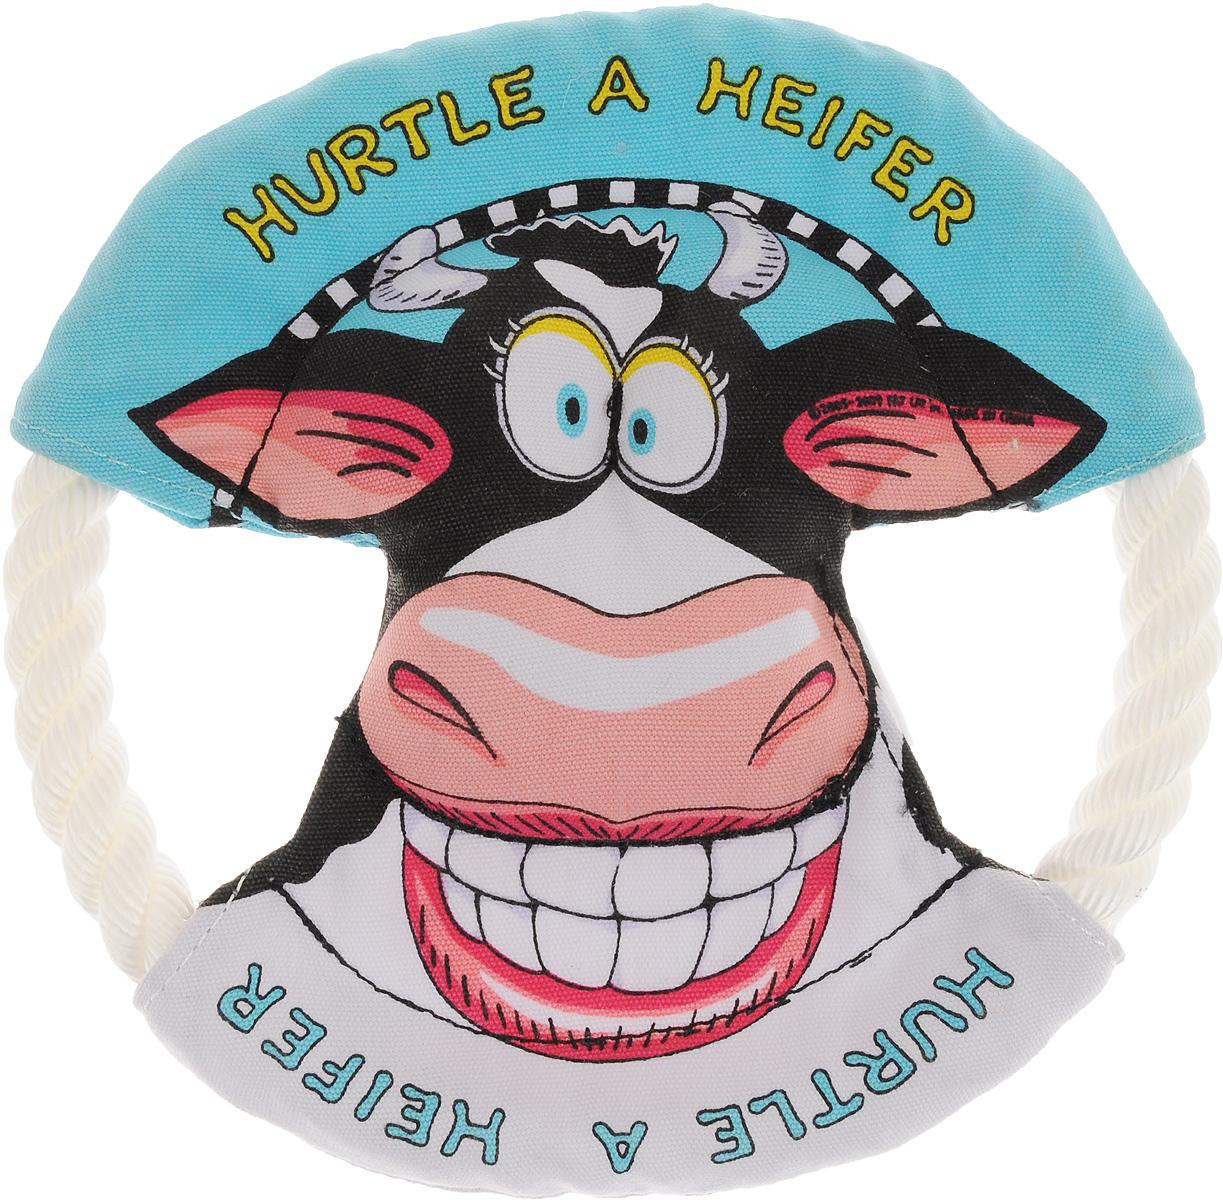 Игрушка для собак Fat Cat Бодрая корова, диаметр 16 см19429Игрушка Fat Cat Бодрая корова - это прочное и веселое веревочное кольцо, предназначенное для игр щенков и собак некрупных пород. Может быть использовано для игр и тренировок, как игрушка, игрушка-перетяжка или фрисби. Изделие выполнено из прочного текстиля и каната. Игрушка прошита тройным швом, отличается высоким качеством и долговечностью. Диаметр игрушки: 16 см.